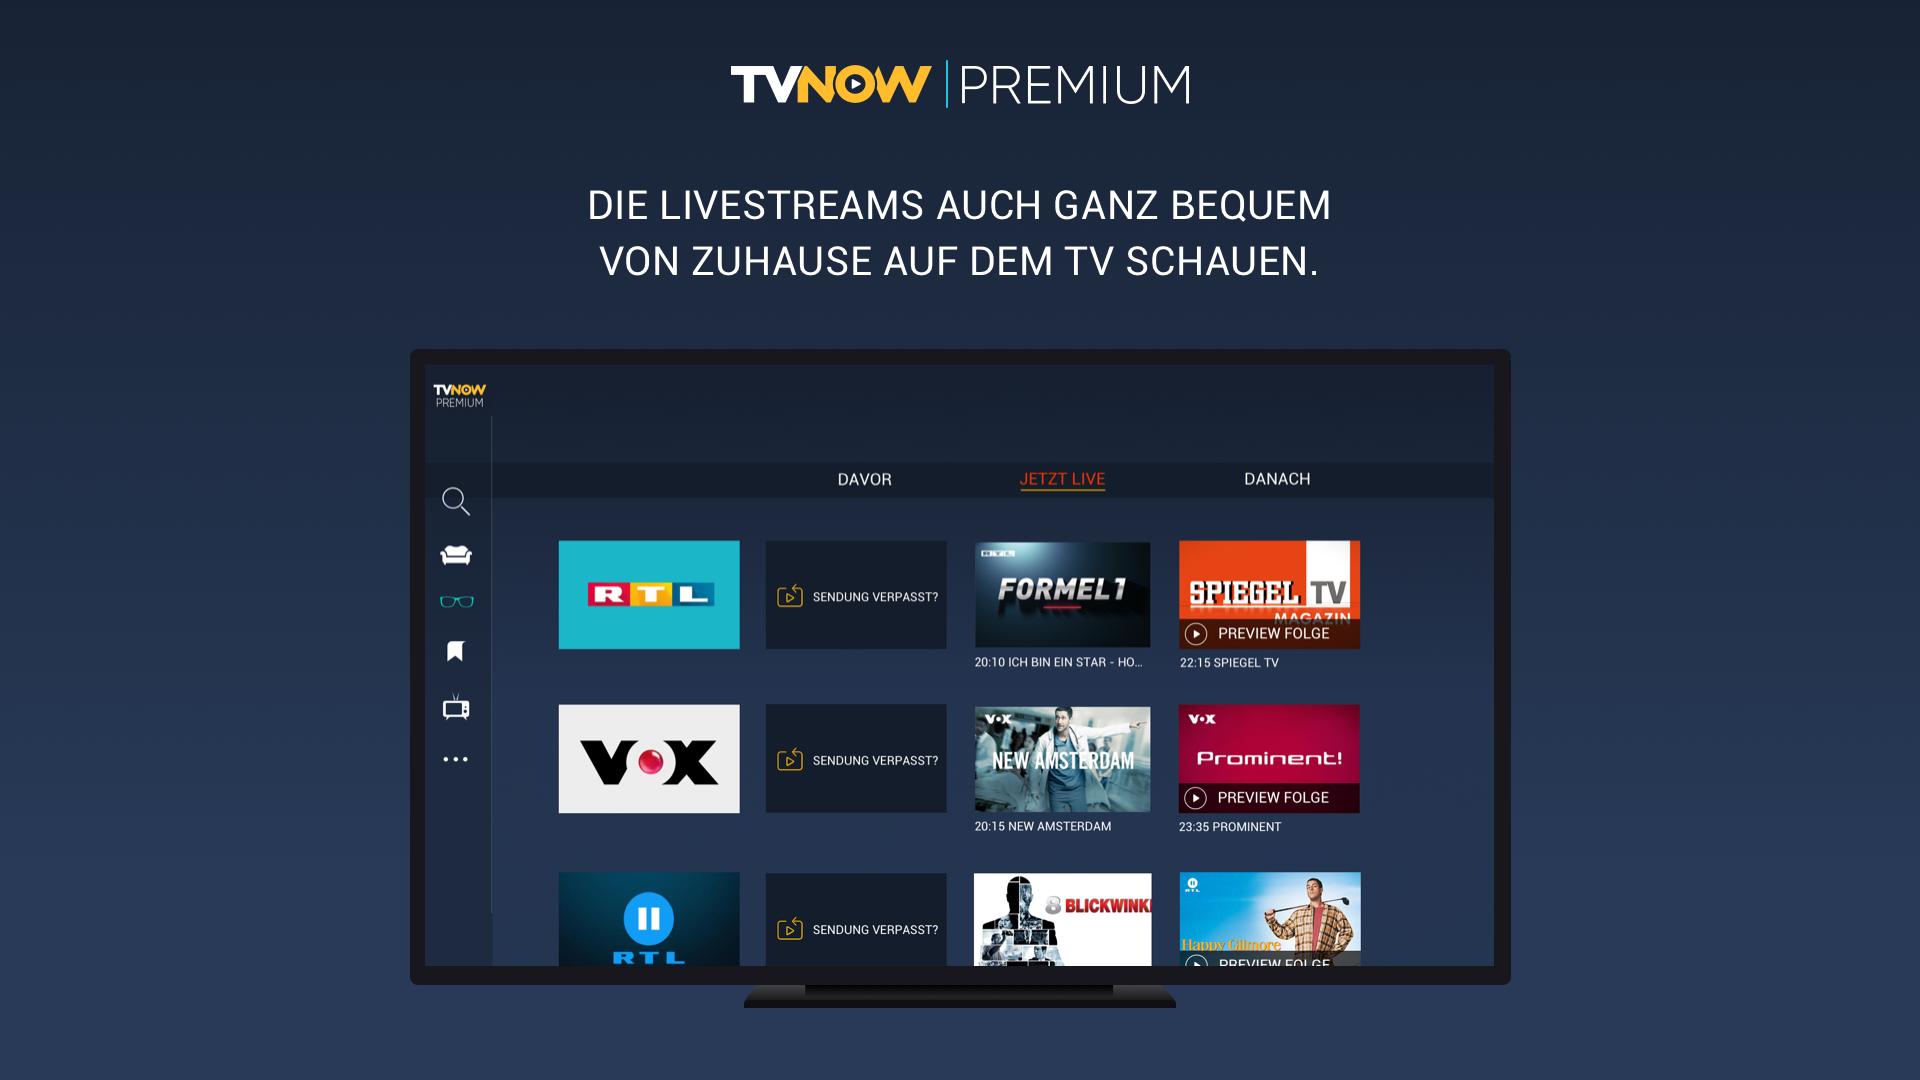 TV NOW PLUS - 7